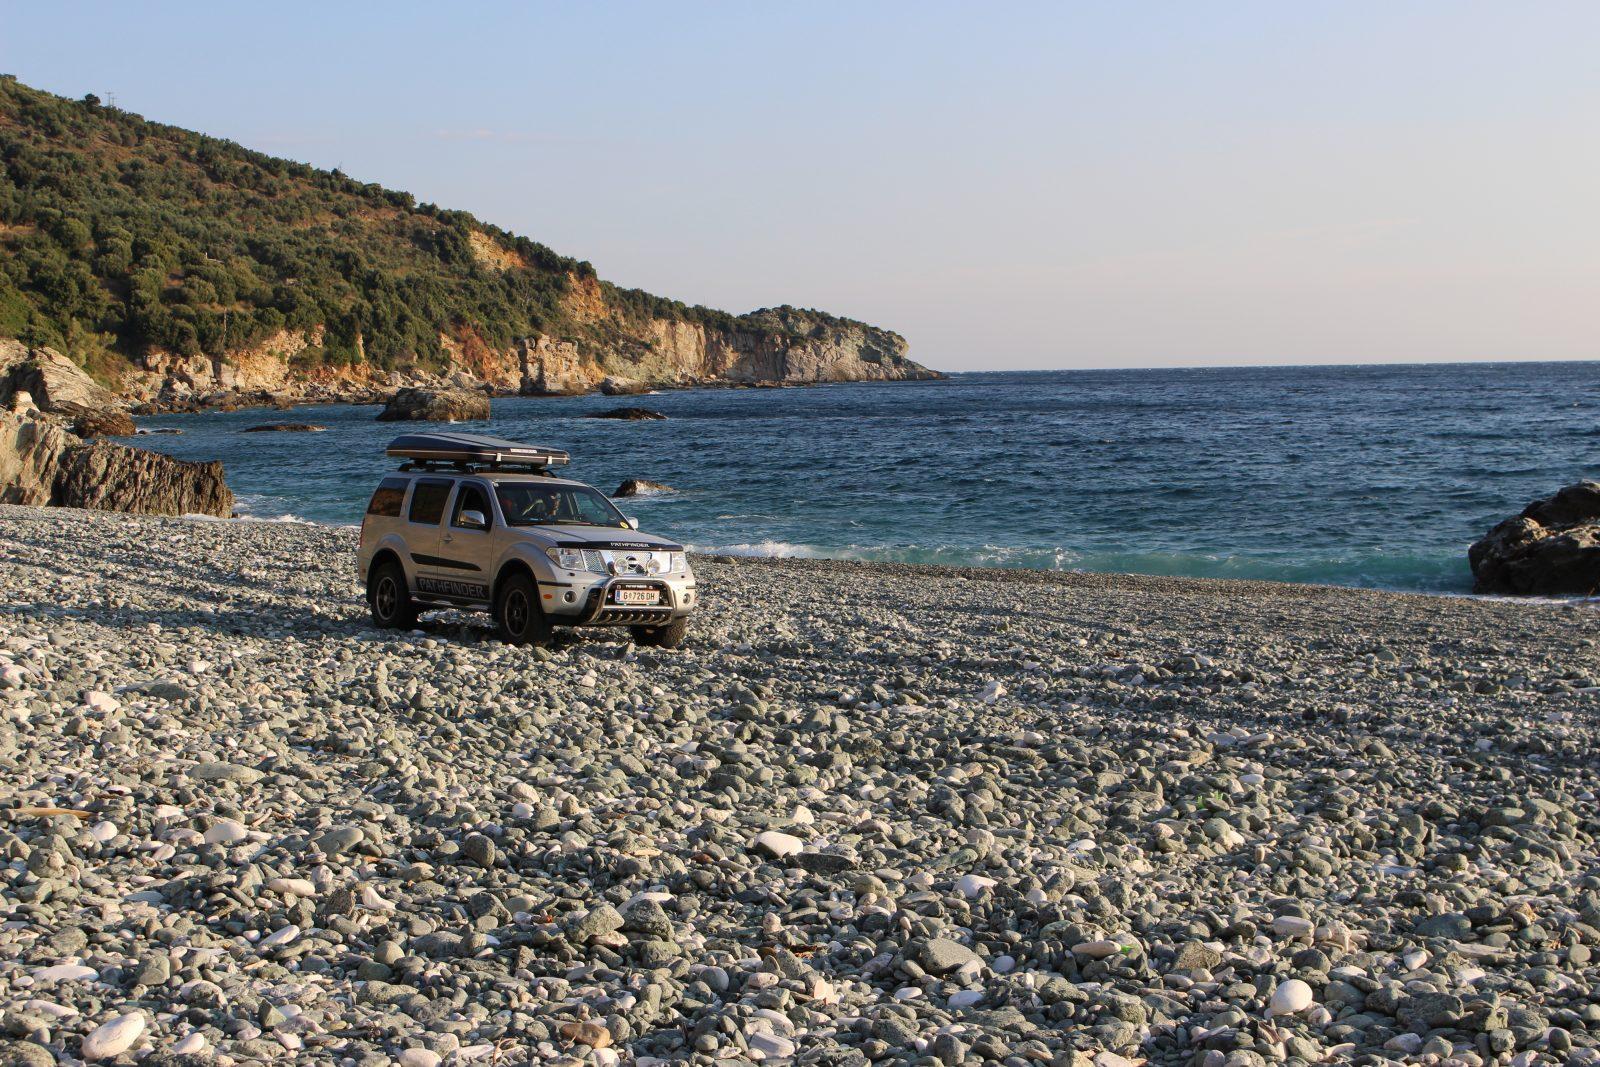 Luxuspoblem der richtigen Stellplatzsuche am einsamen Pantazi Ammos Beach.